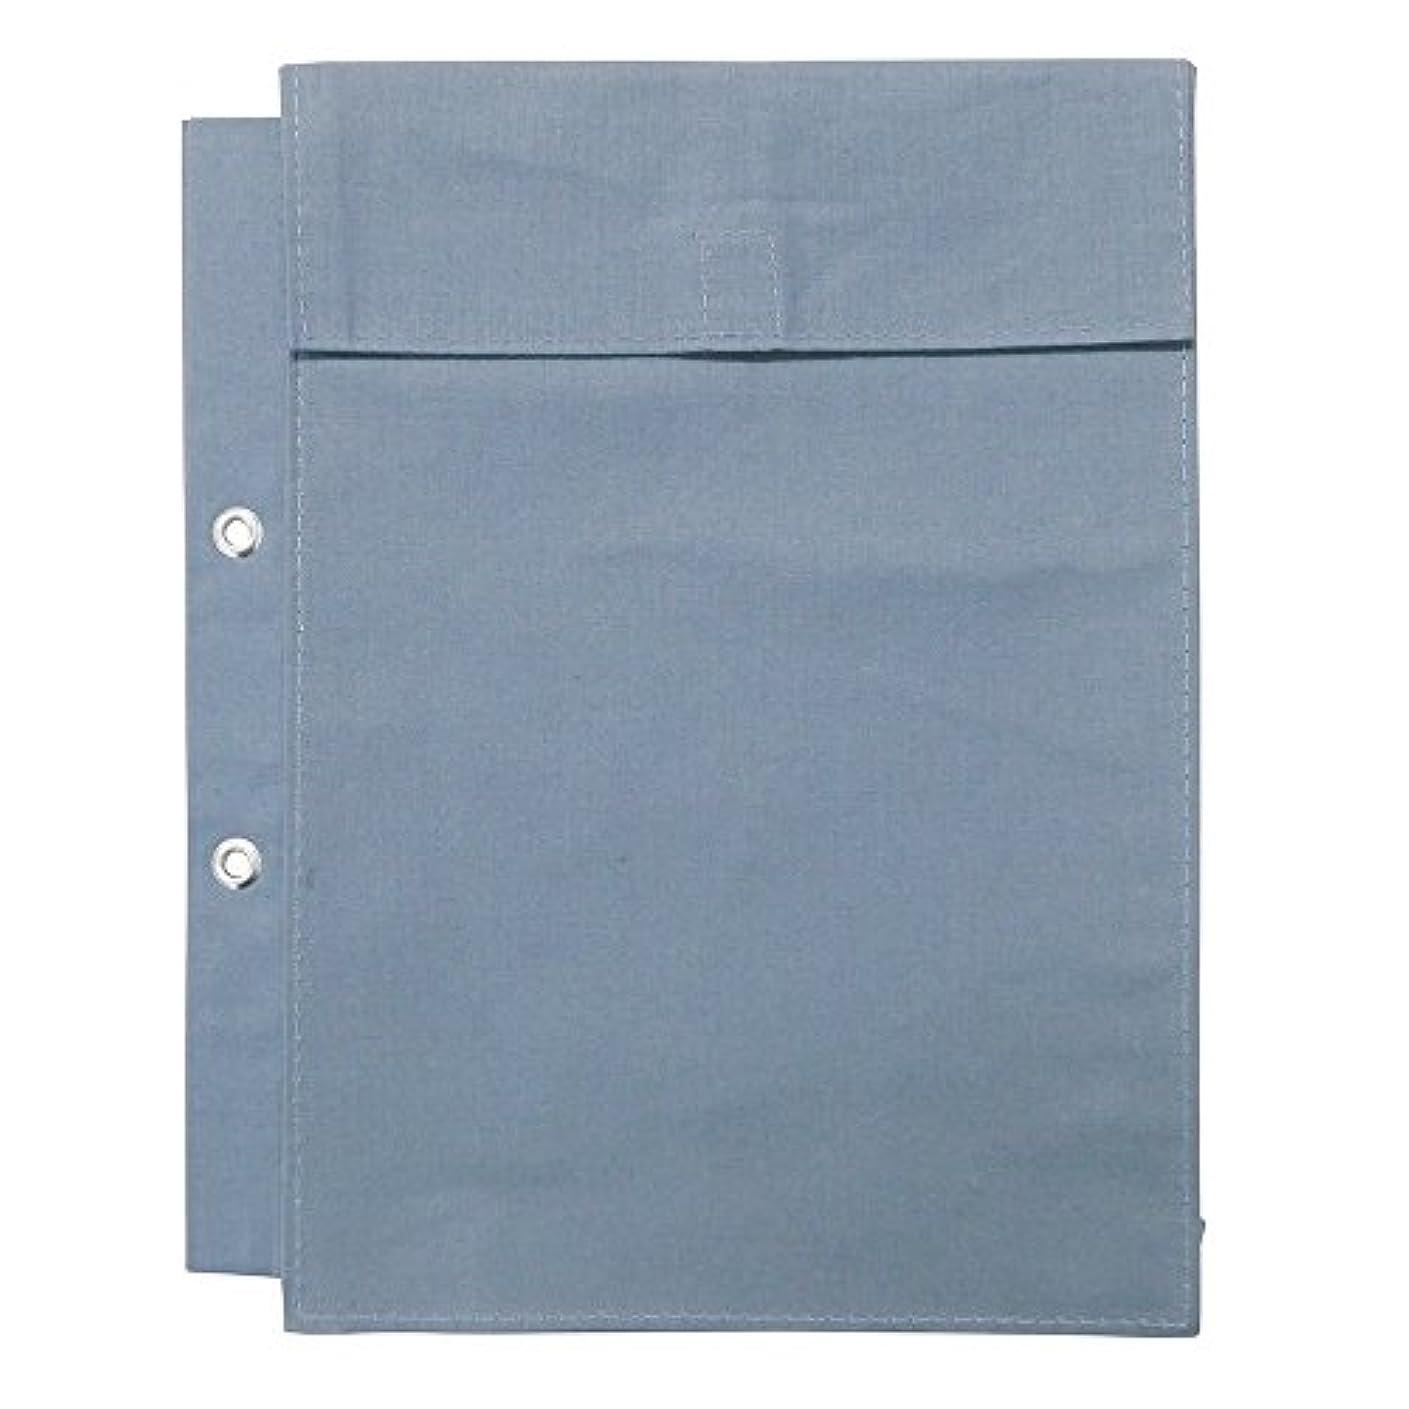 家哀れな日ウチダ 布製図面袋 A4収納 2穴大玉ハトメ 5cmマチツキ 014-0172